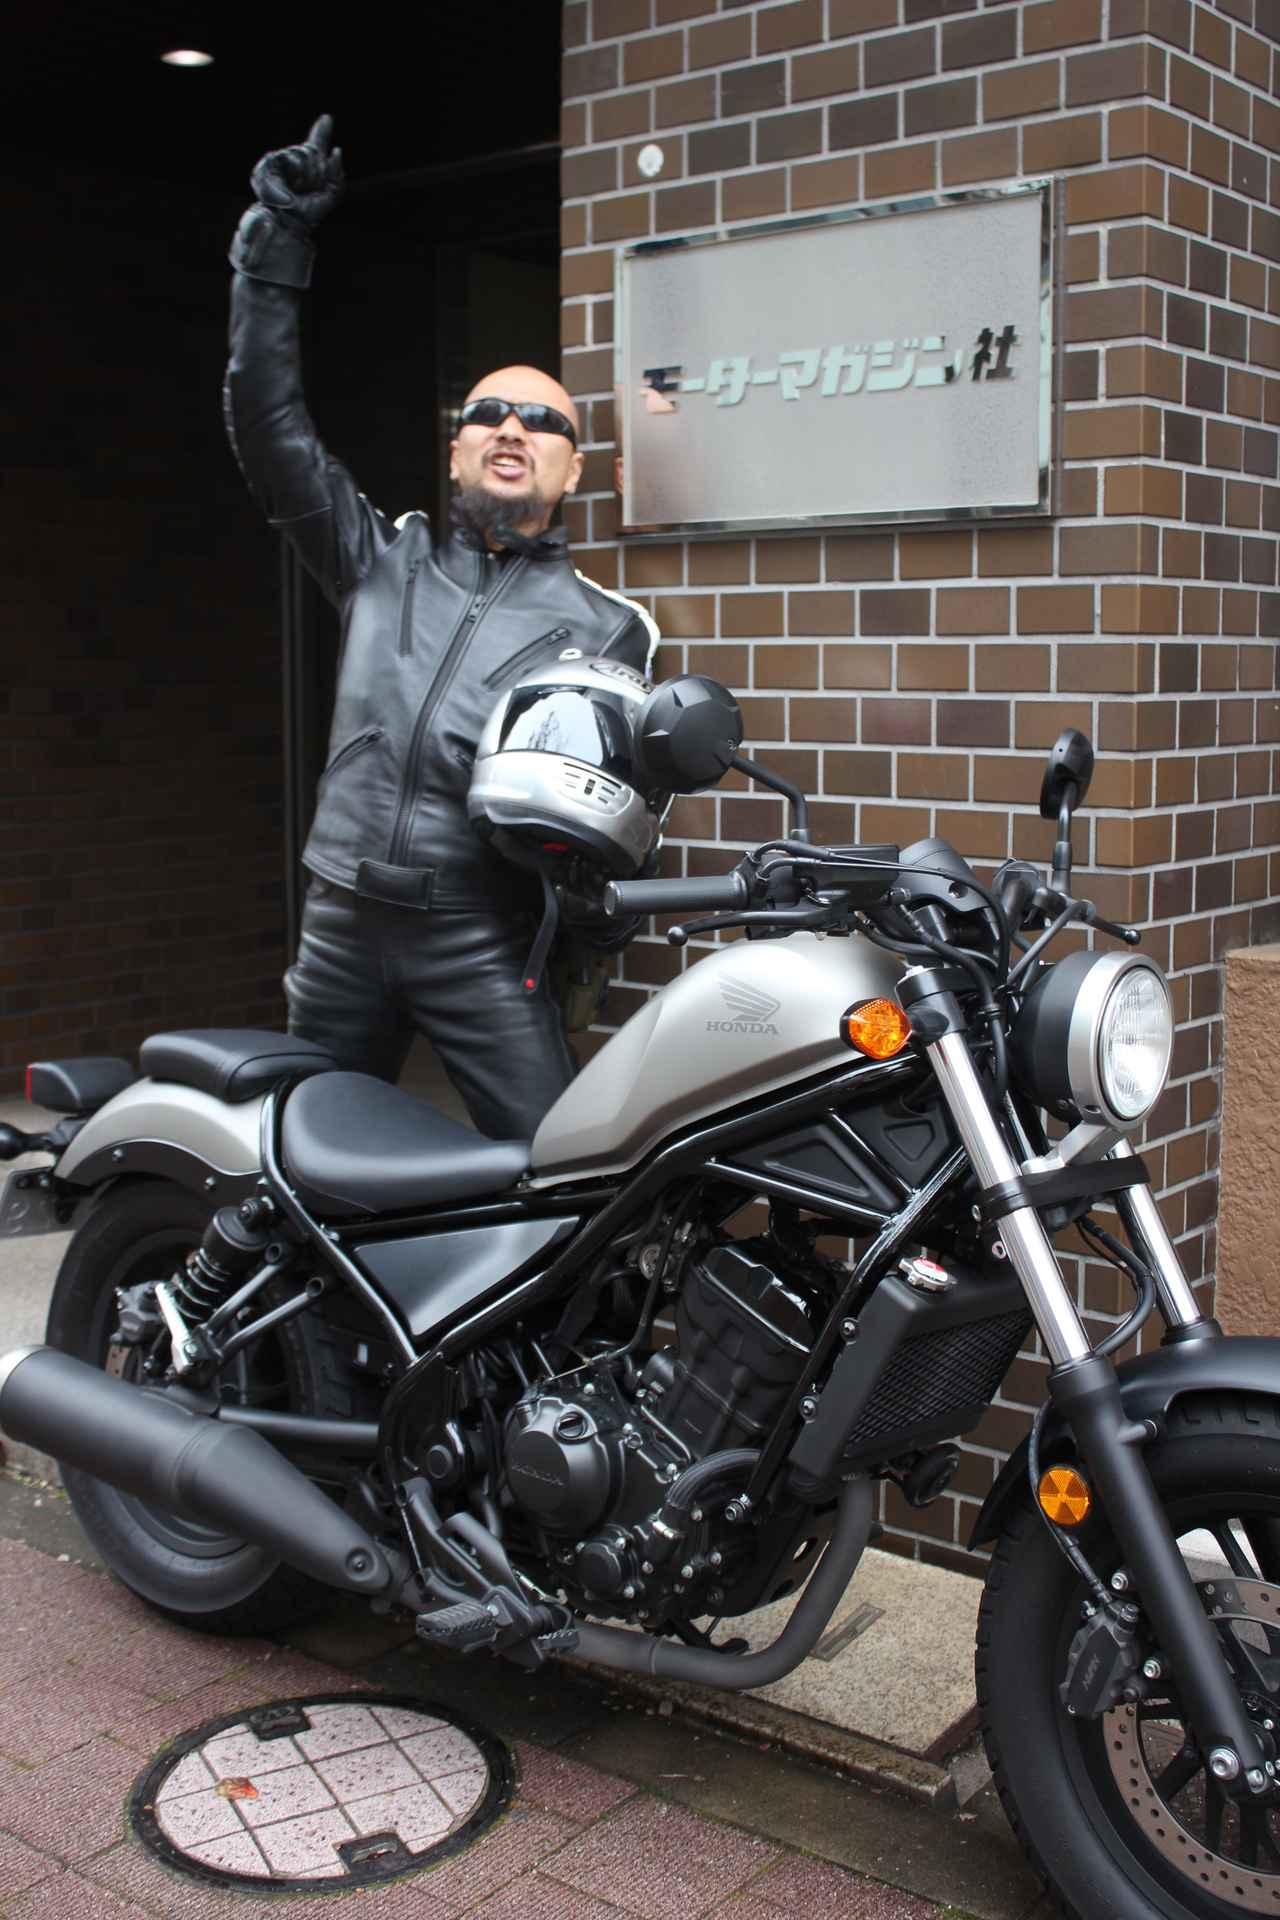 画像1: 1週間で776.1Km! オートバイと一週間生活『HONDA REBEL250/ABS編』2日目